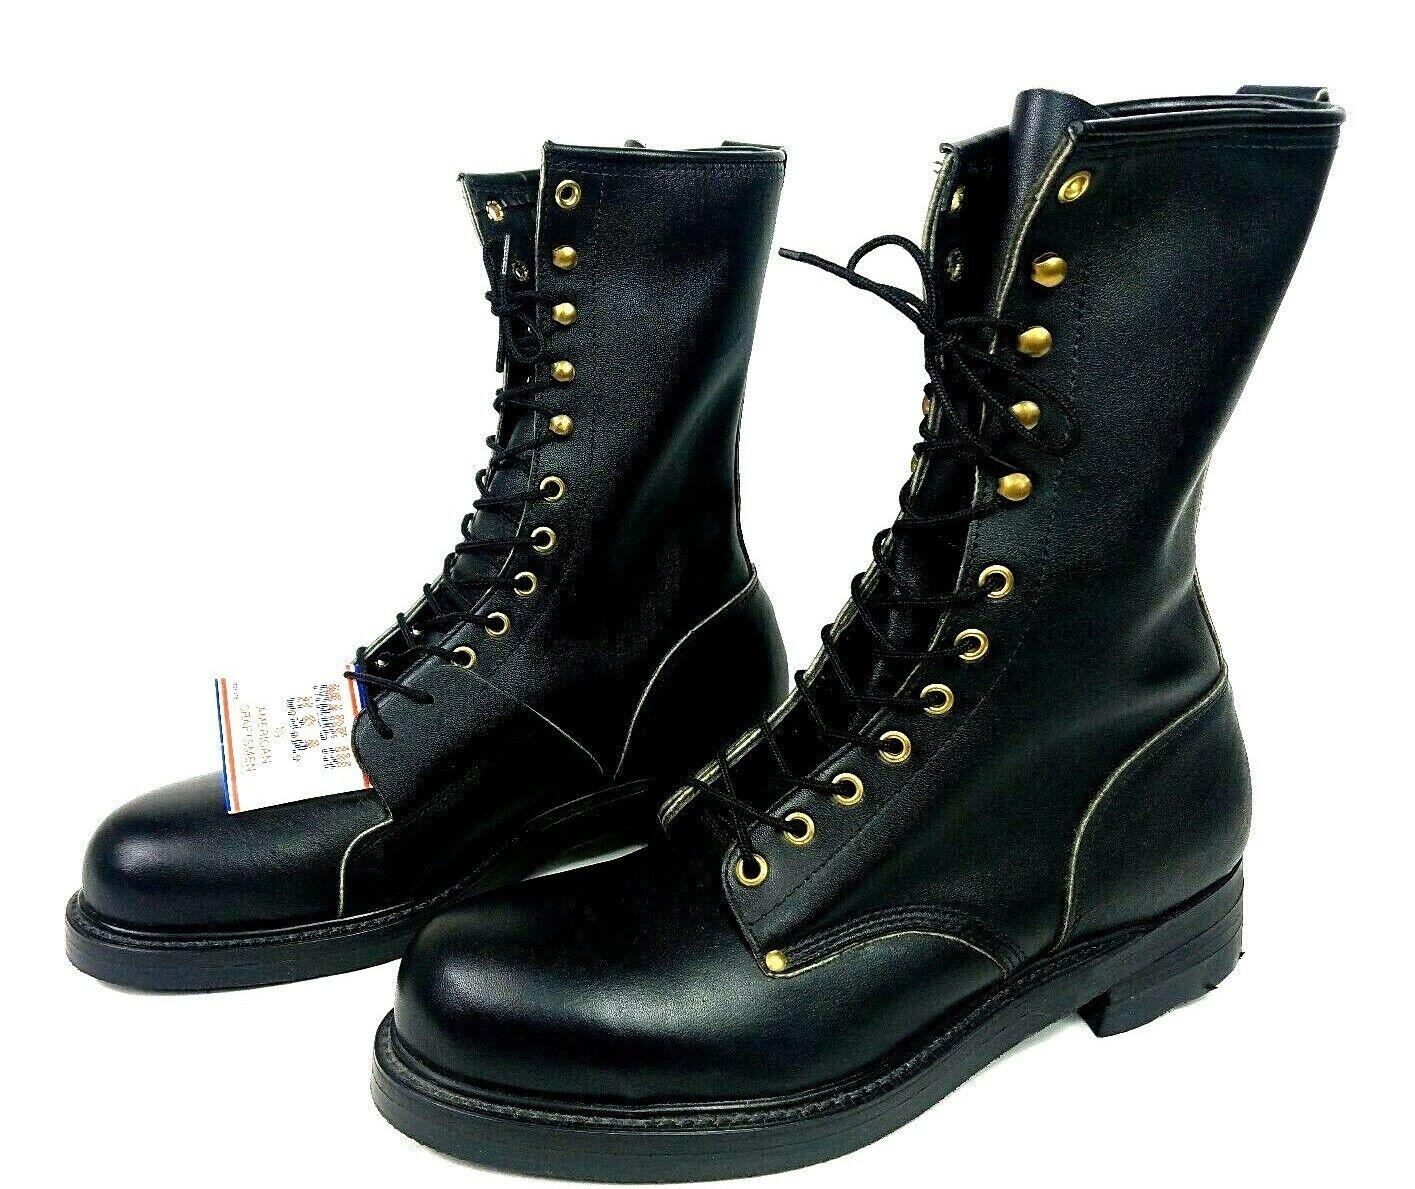 botas De Combate De Cuero Vintage originaltag acero del dedo del pie miragum resistente al aceite 10.5 estrecho